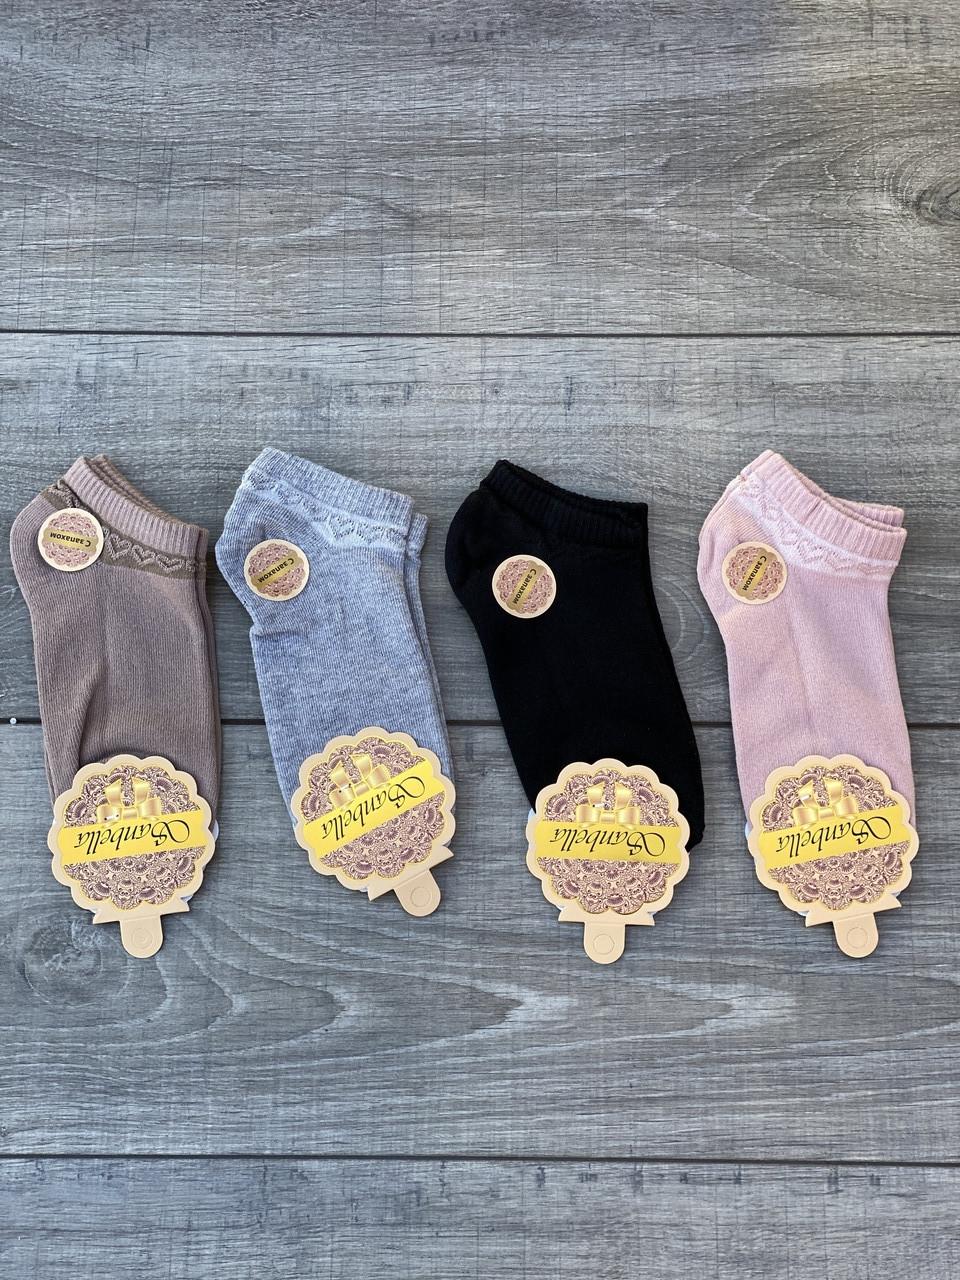 Шкарпетки котонові Sanbella жіночі з сердечками, ароматизовані 36-40 12 шт в уп мікс 4х кольорів